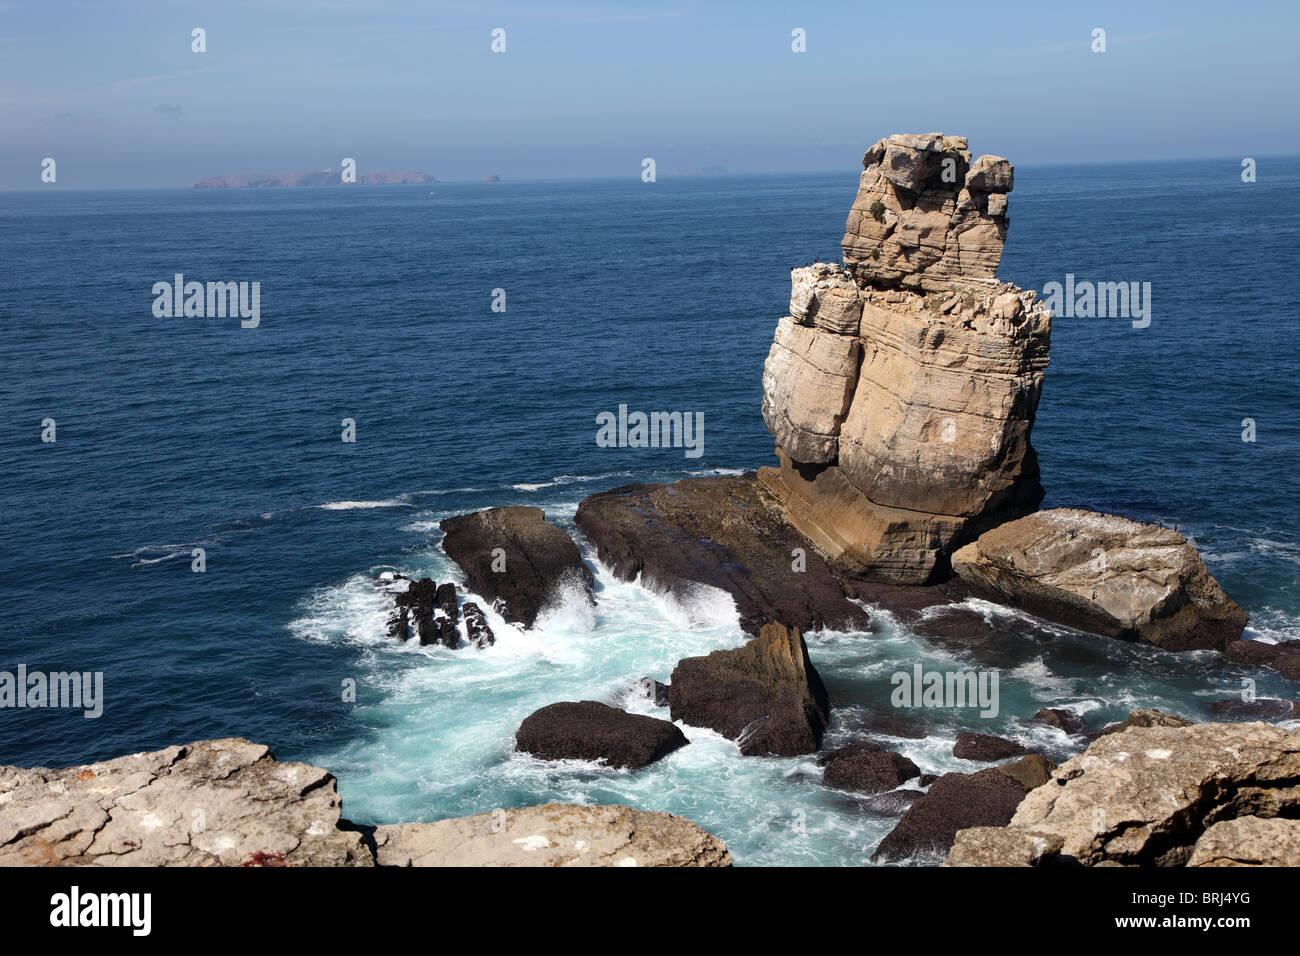 Cormorant Rock, Peniche, Portugal - Stock Image